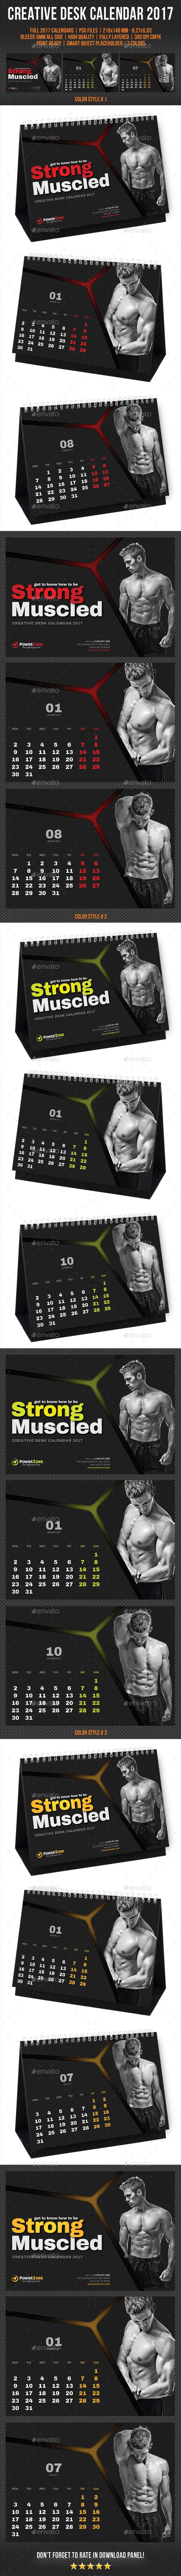 Creative Desk Calendar 2017 Template PSD